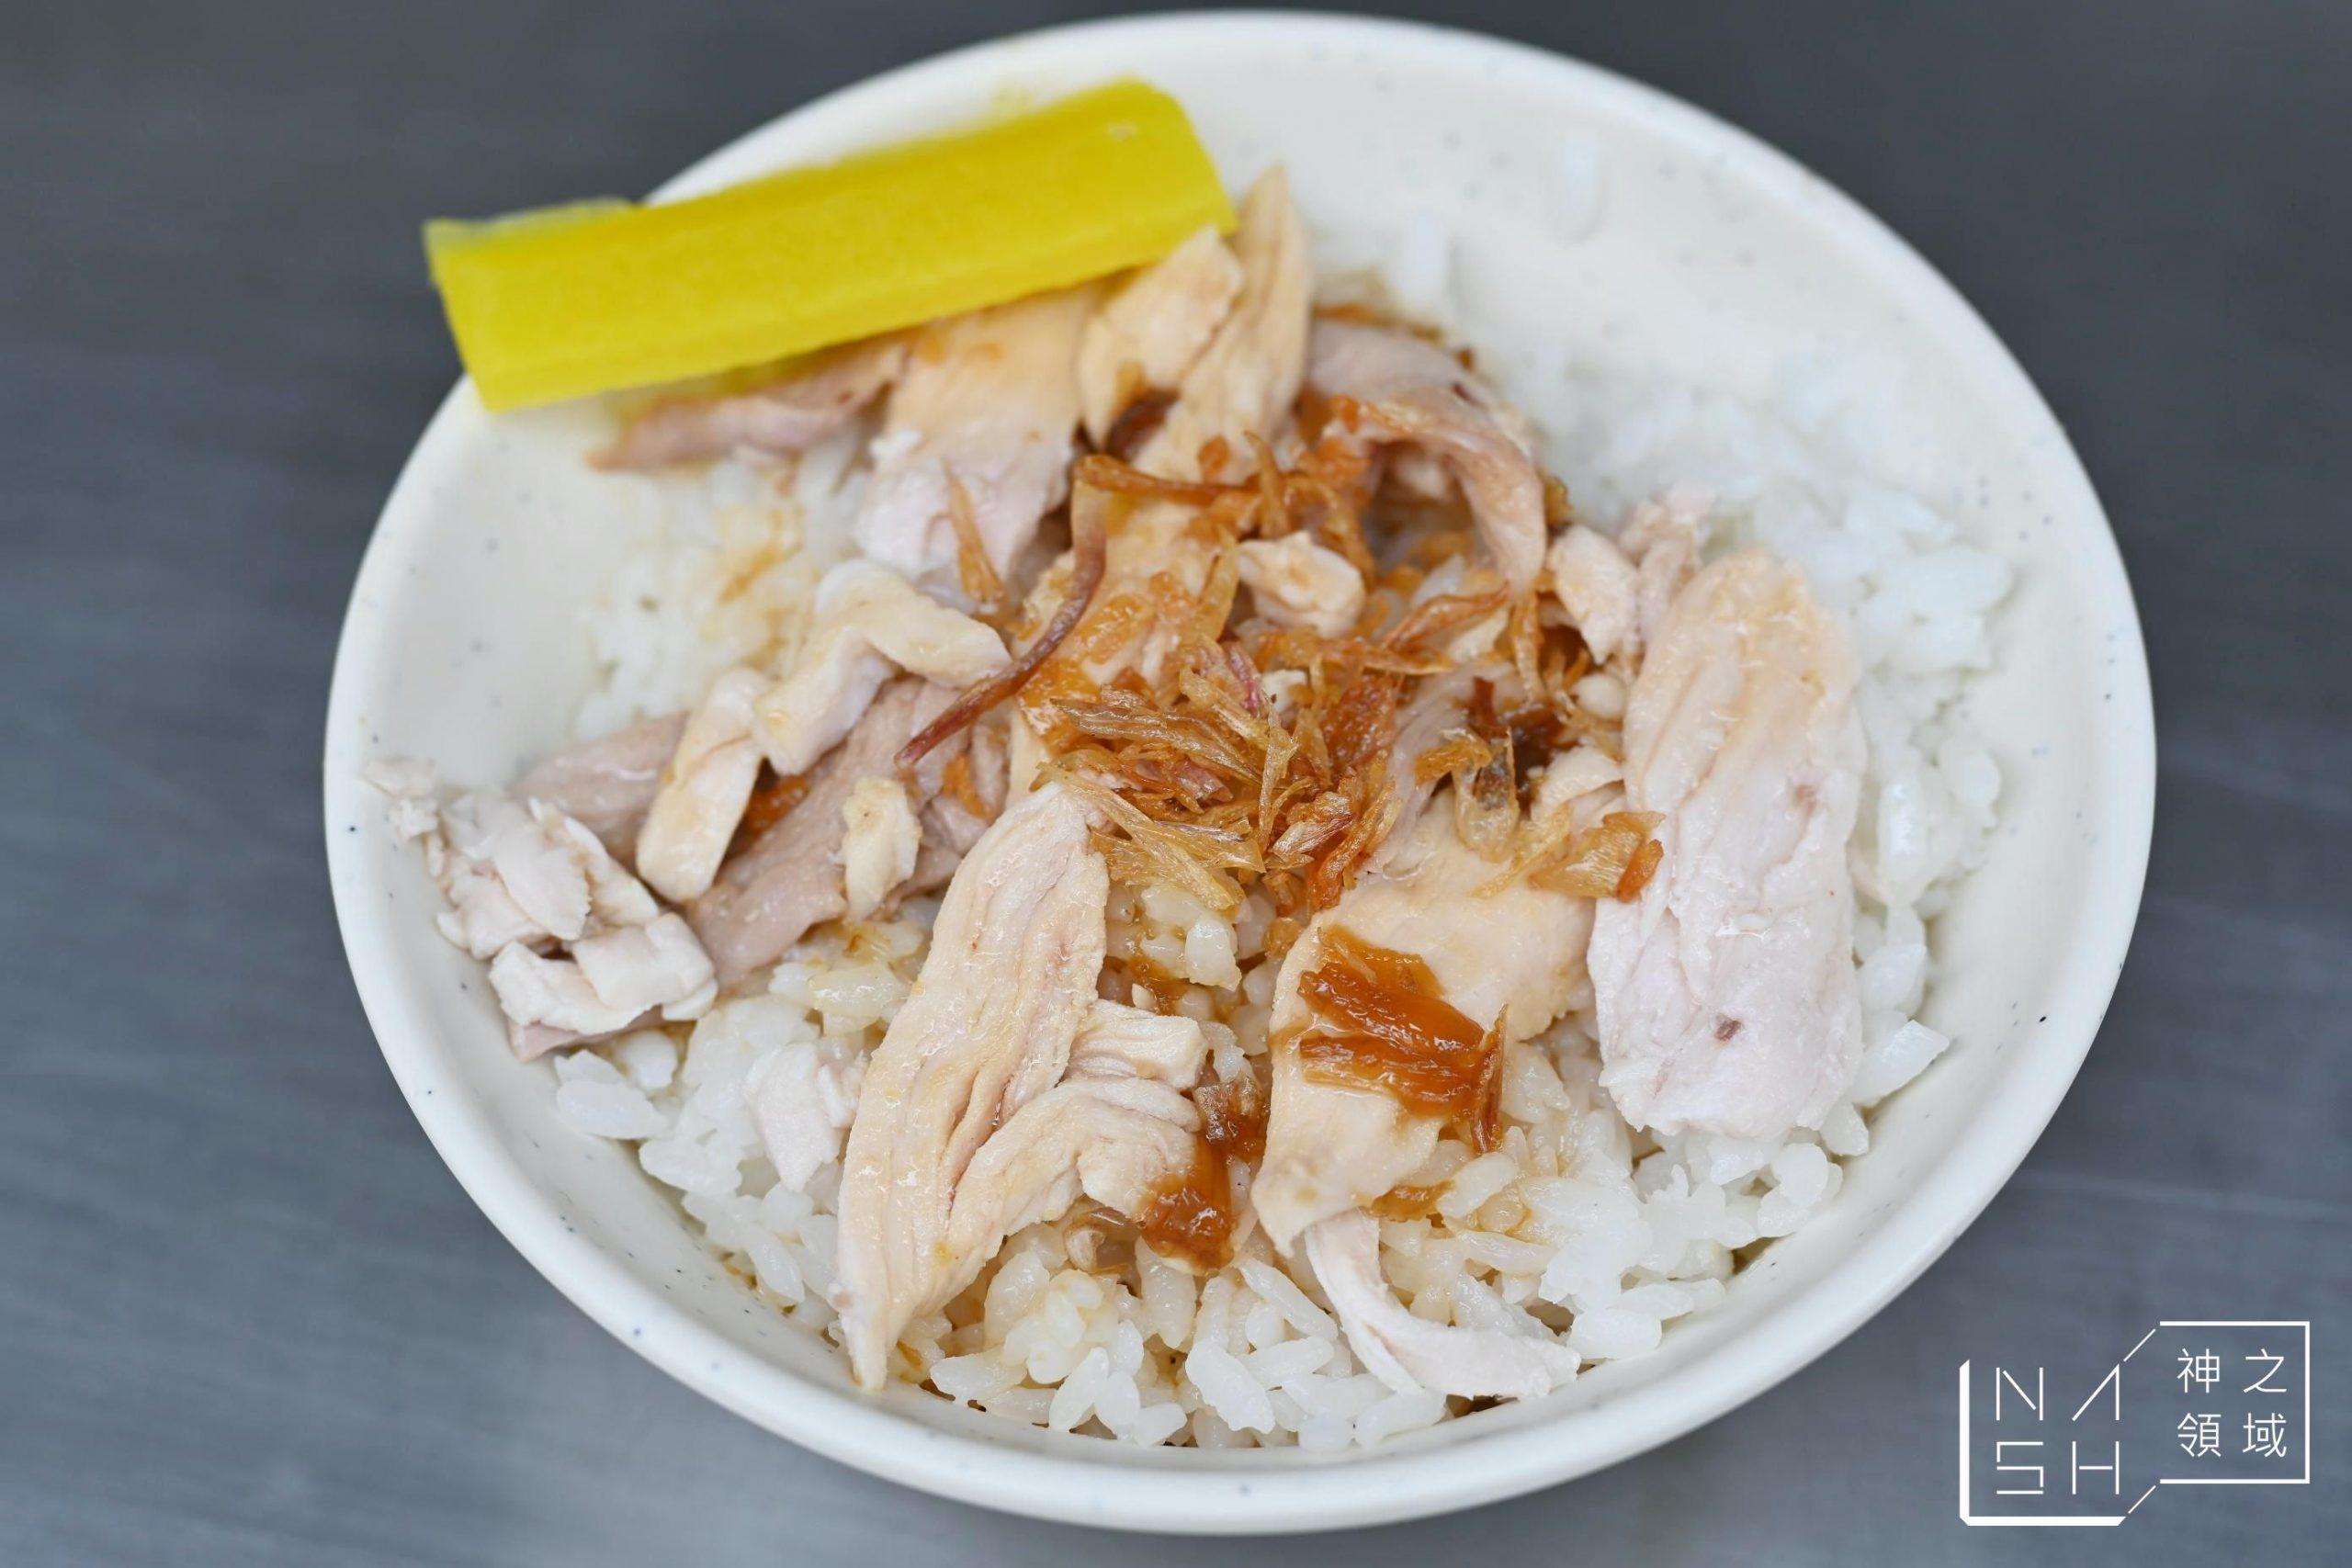 嘉義火雞肉飯